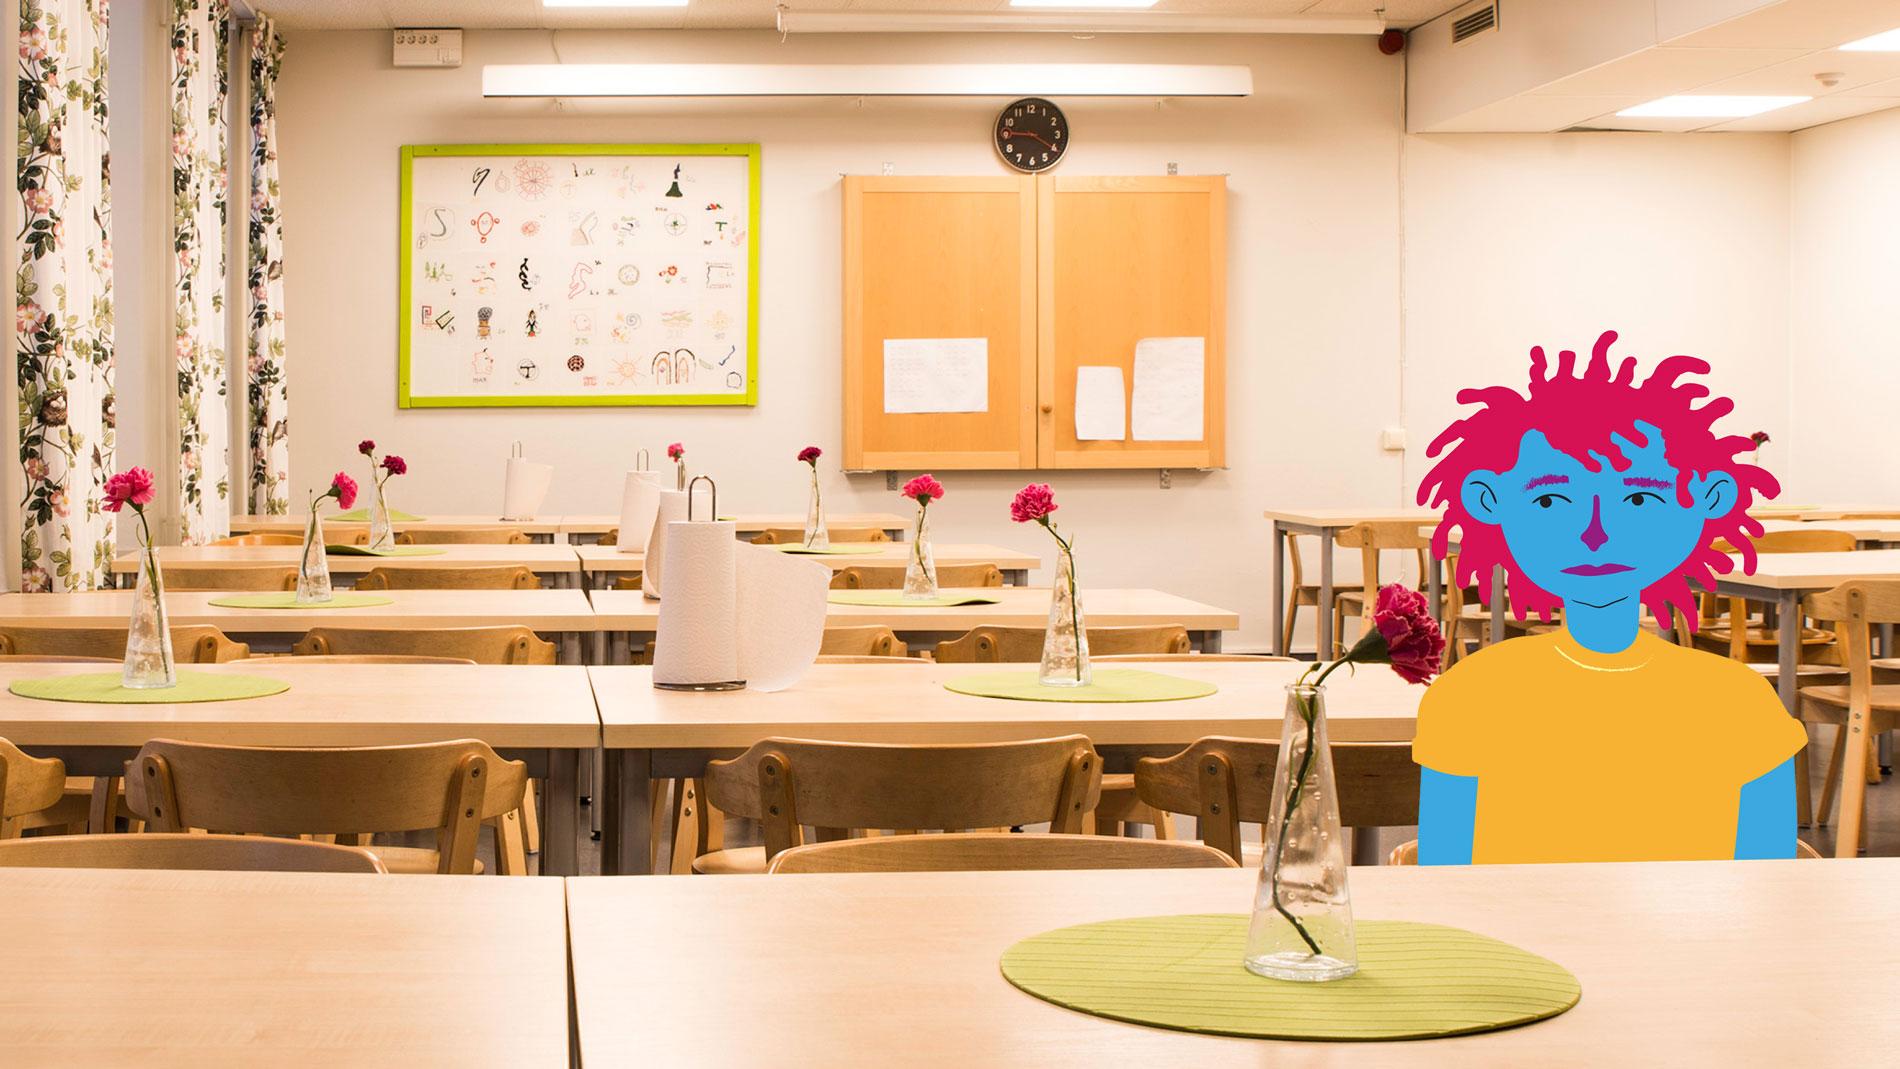 illustration av ett barn som sitter ensam i en skolmatsal.